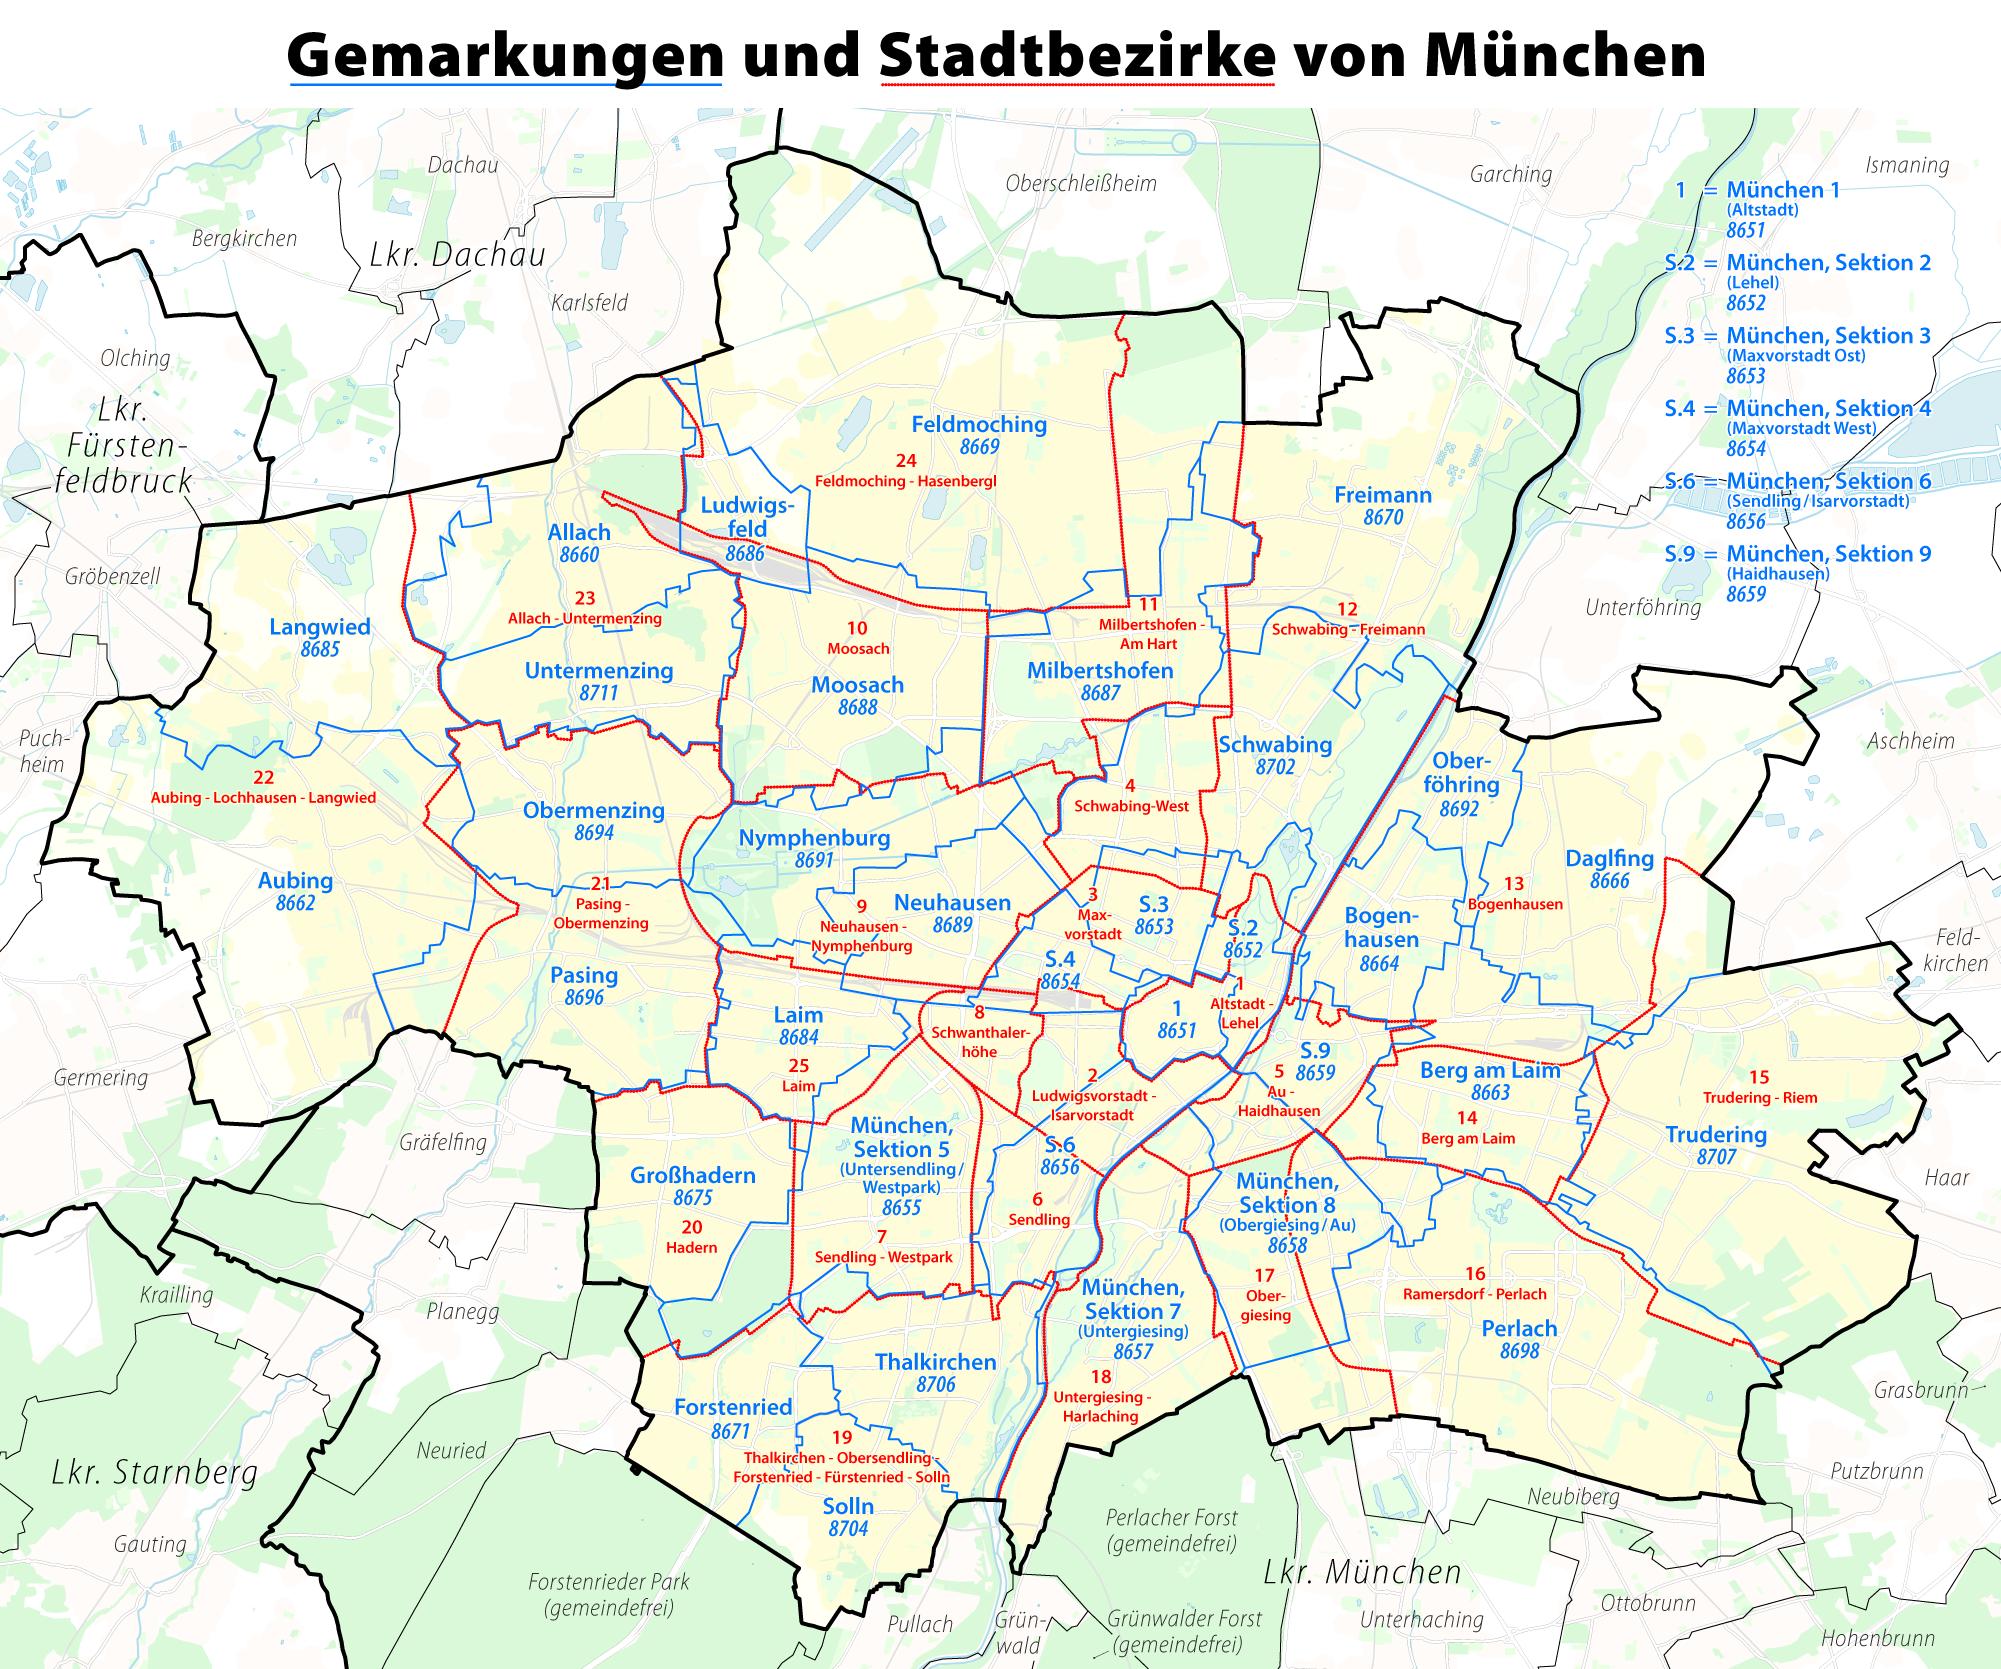 Karte München Stadtteile.File Karte Der Gemarkungen Und Stadtbezirke In München Png